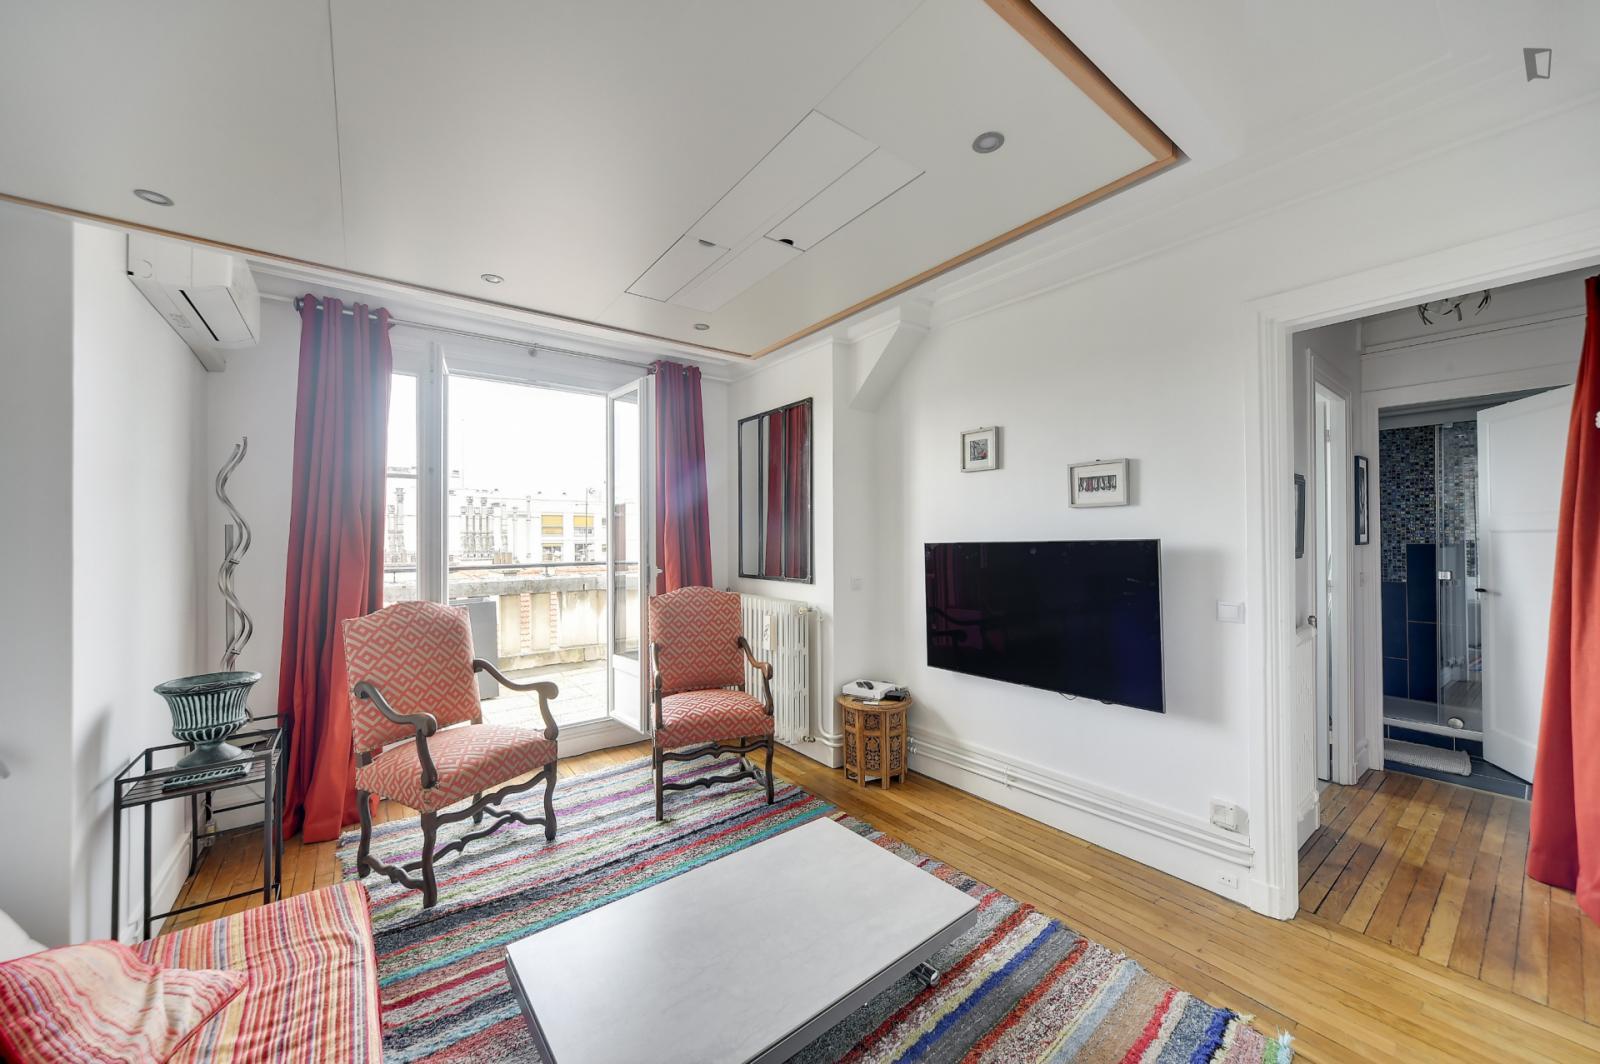 Villa Poirier, 15th arrondissement of Paris, FR-75 - 1,475 EUR/ month